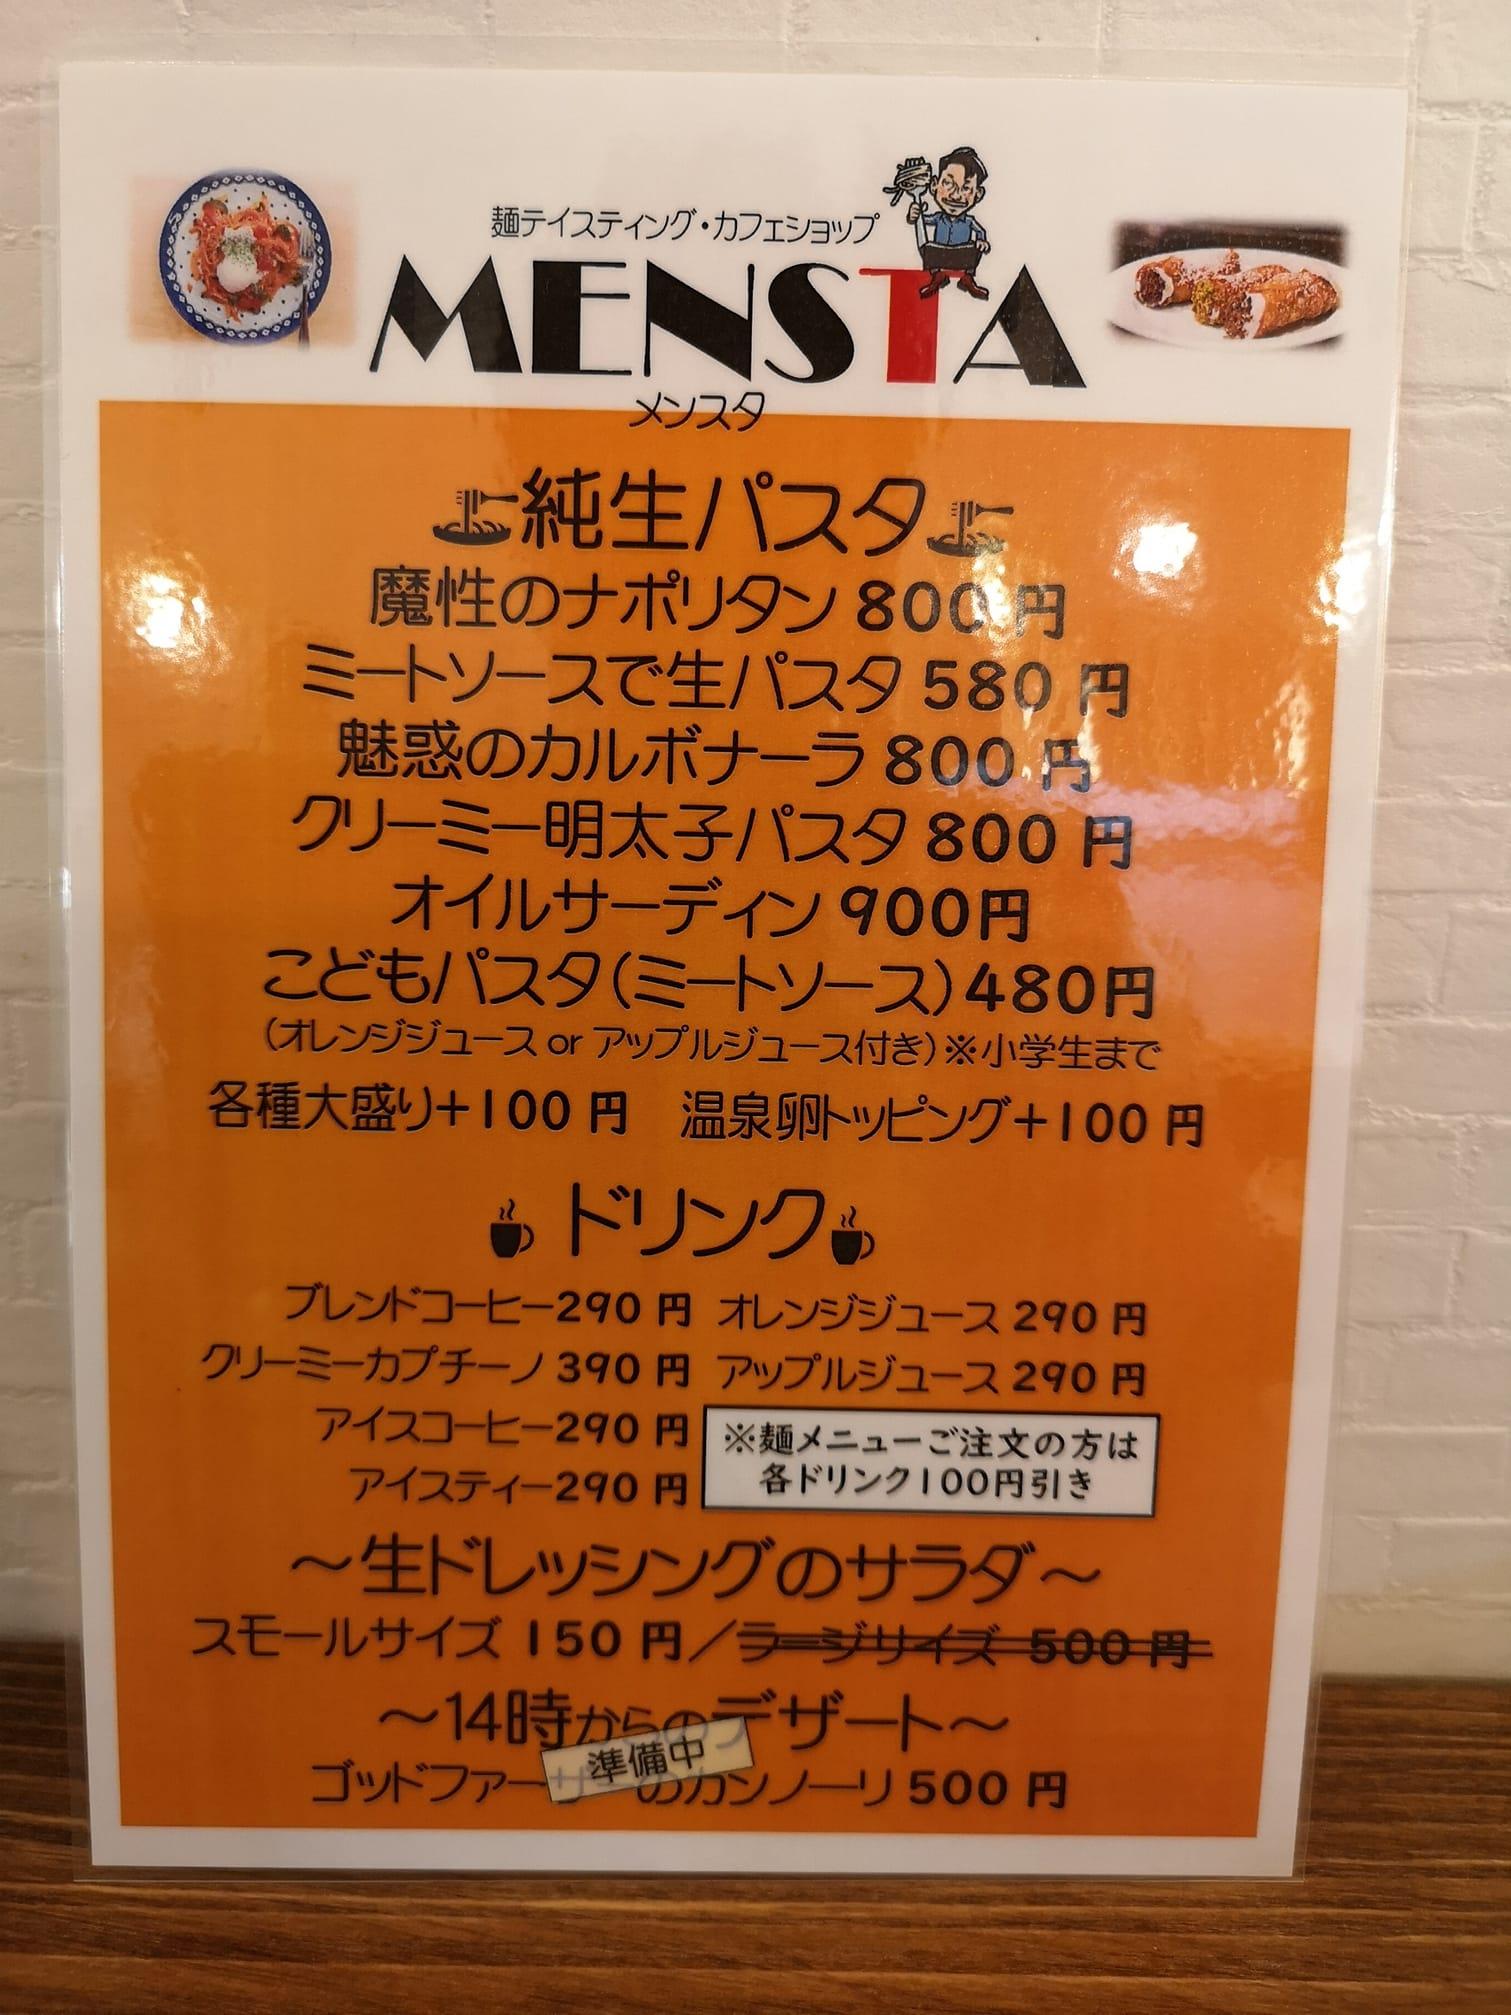 麺テイスティング・カフェショップ MENSTAメニュー